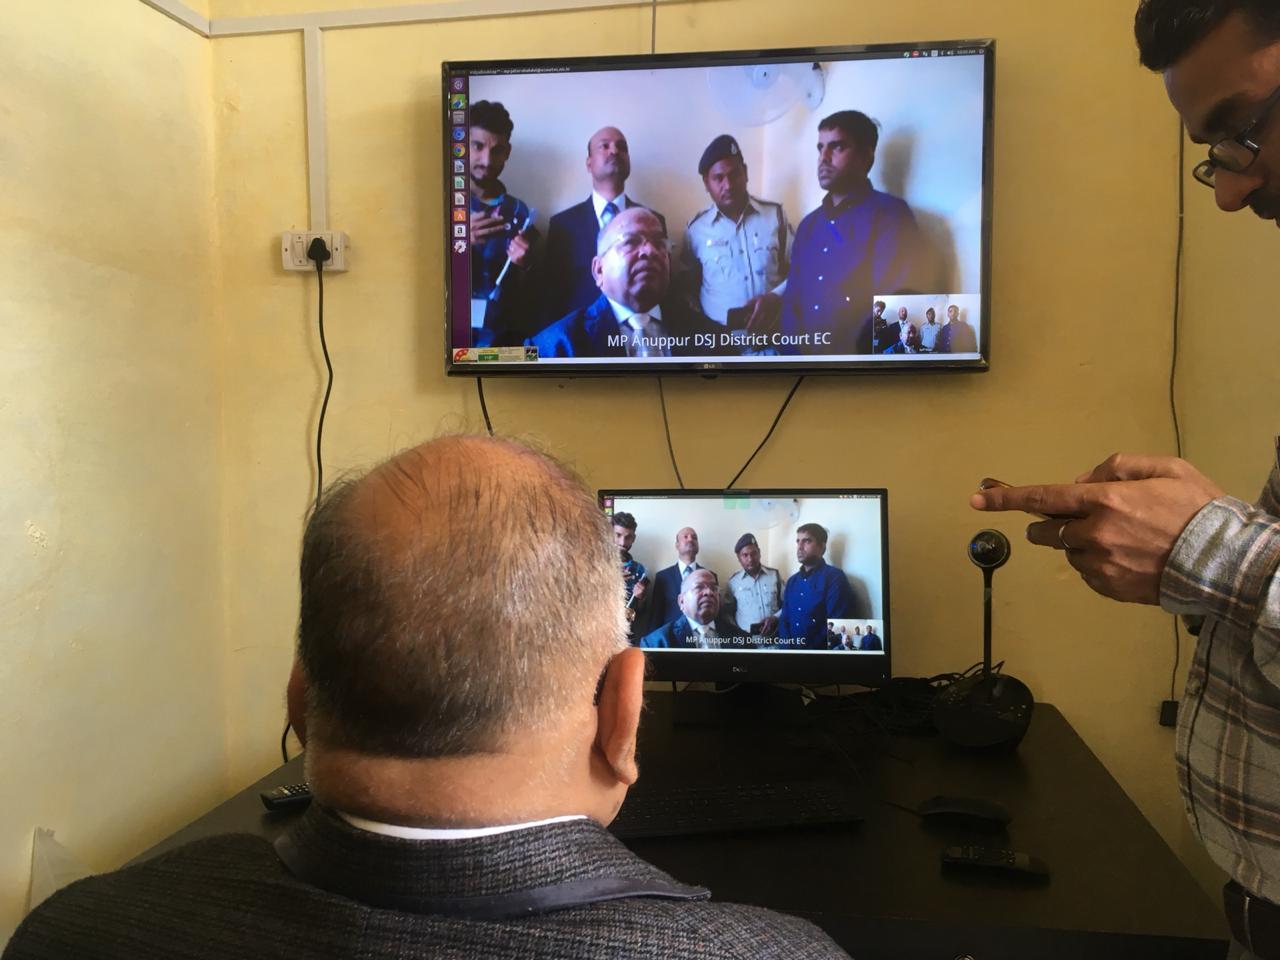 वीडियो कॉन्फ्रेंस तकनीक से होंगे कैदियों के फैसले, न्यायाधीश कर सकेंगे जेल में बंद आरोपियों से सीधा संवाद